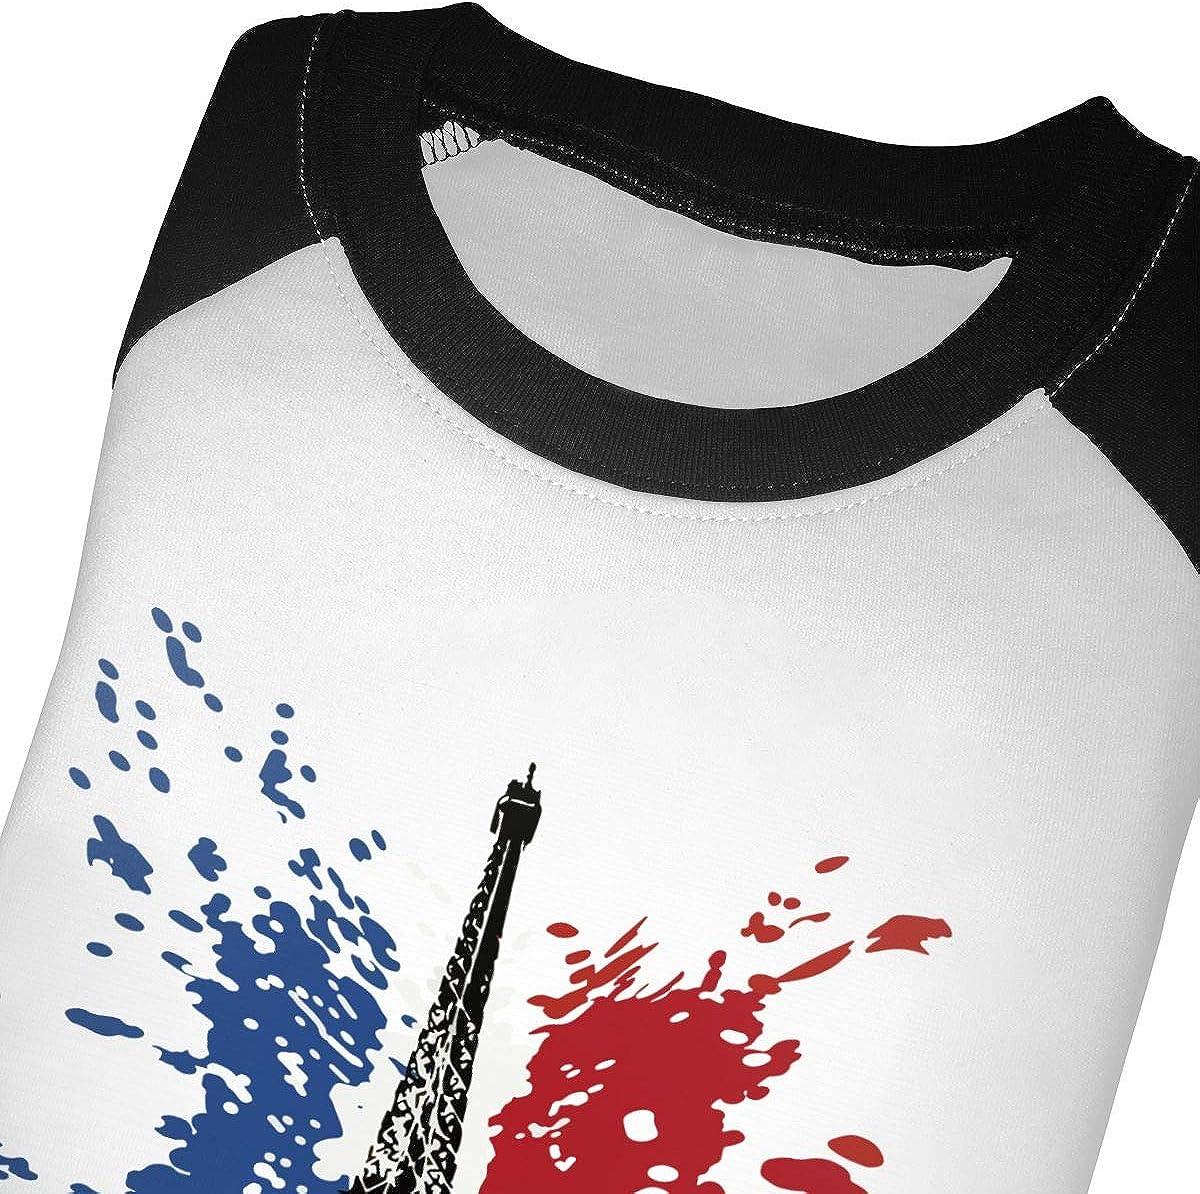 QPKMRTZTX0 Boys Girls Kids /& Toddler France Flag Long Sleeve Tees 100/% Cotton